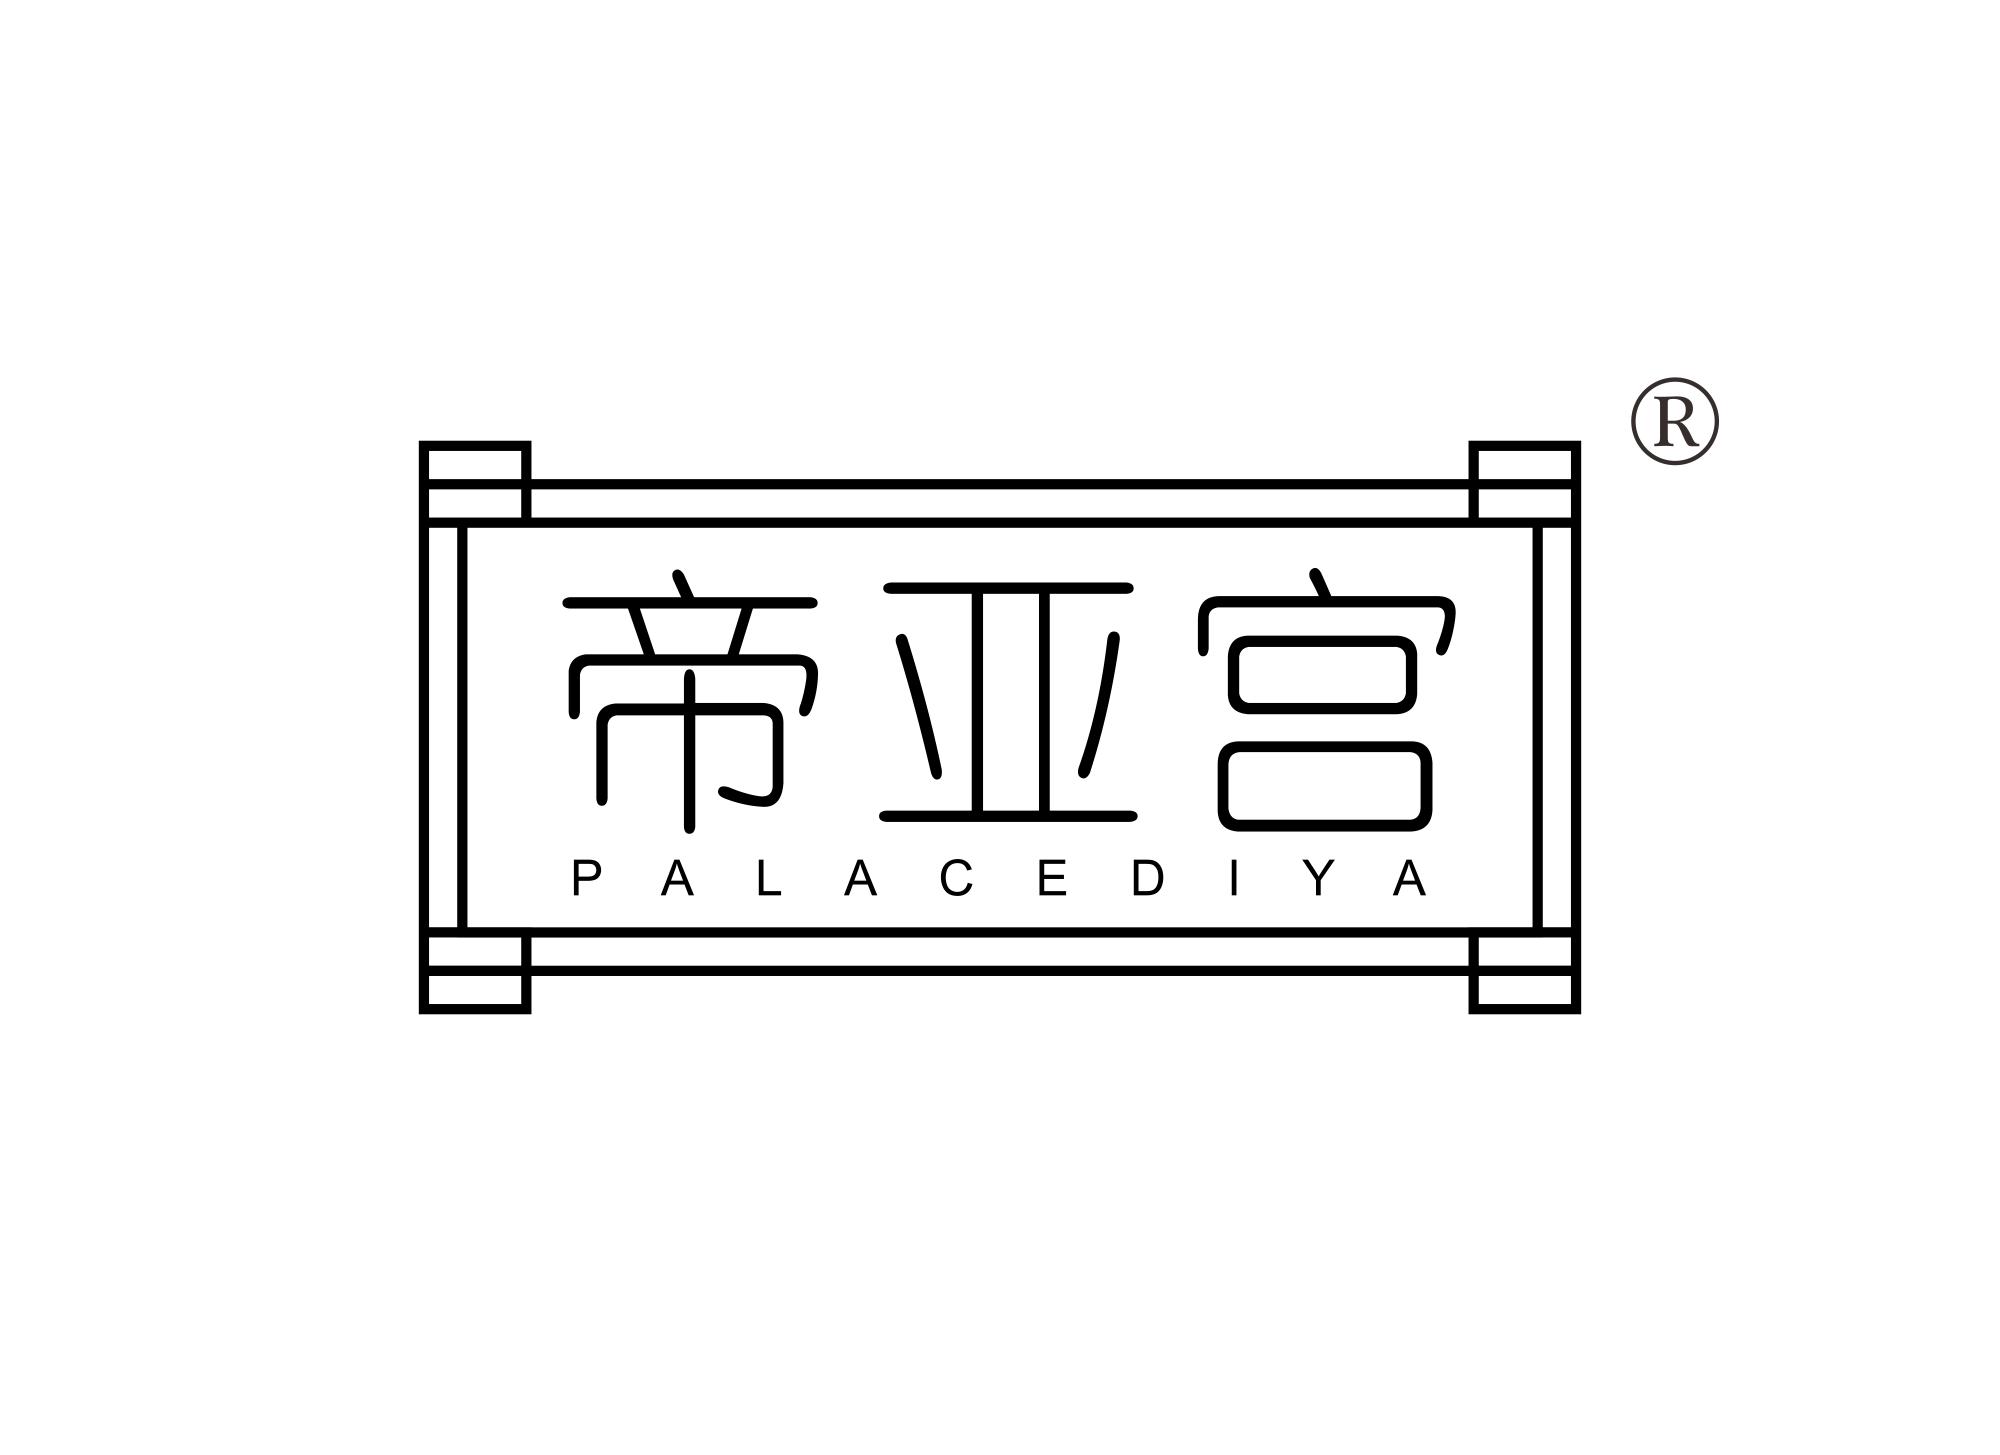 帝亚宫 PALACE DIYA